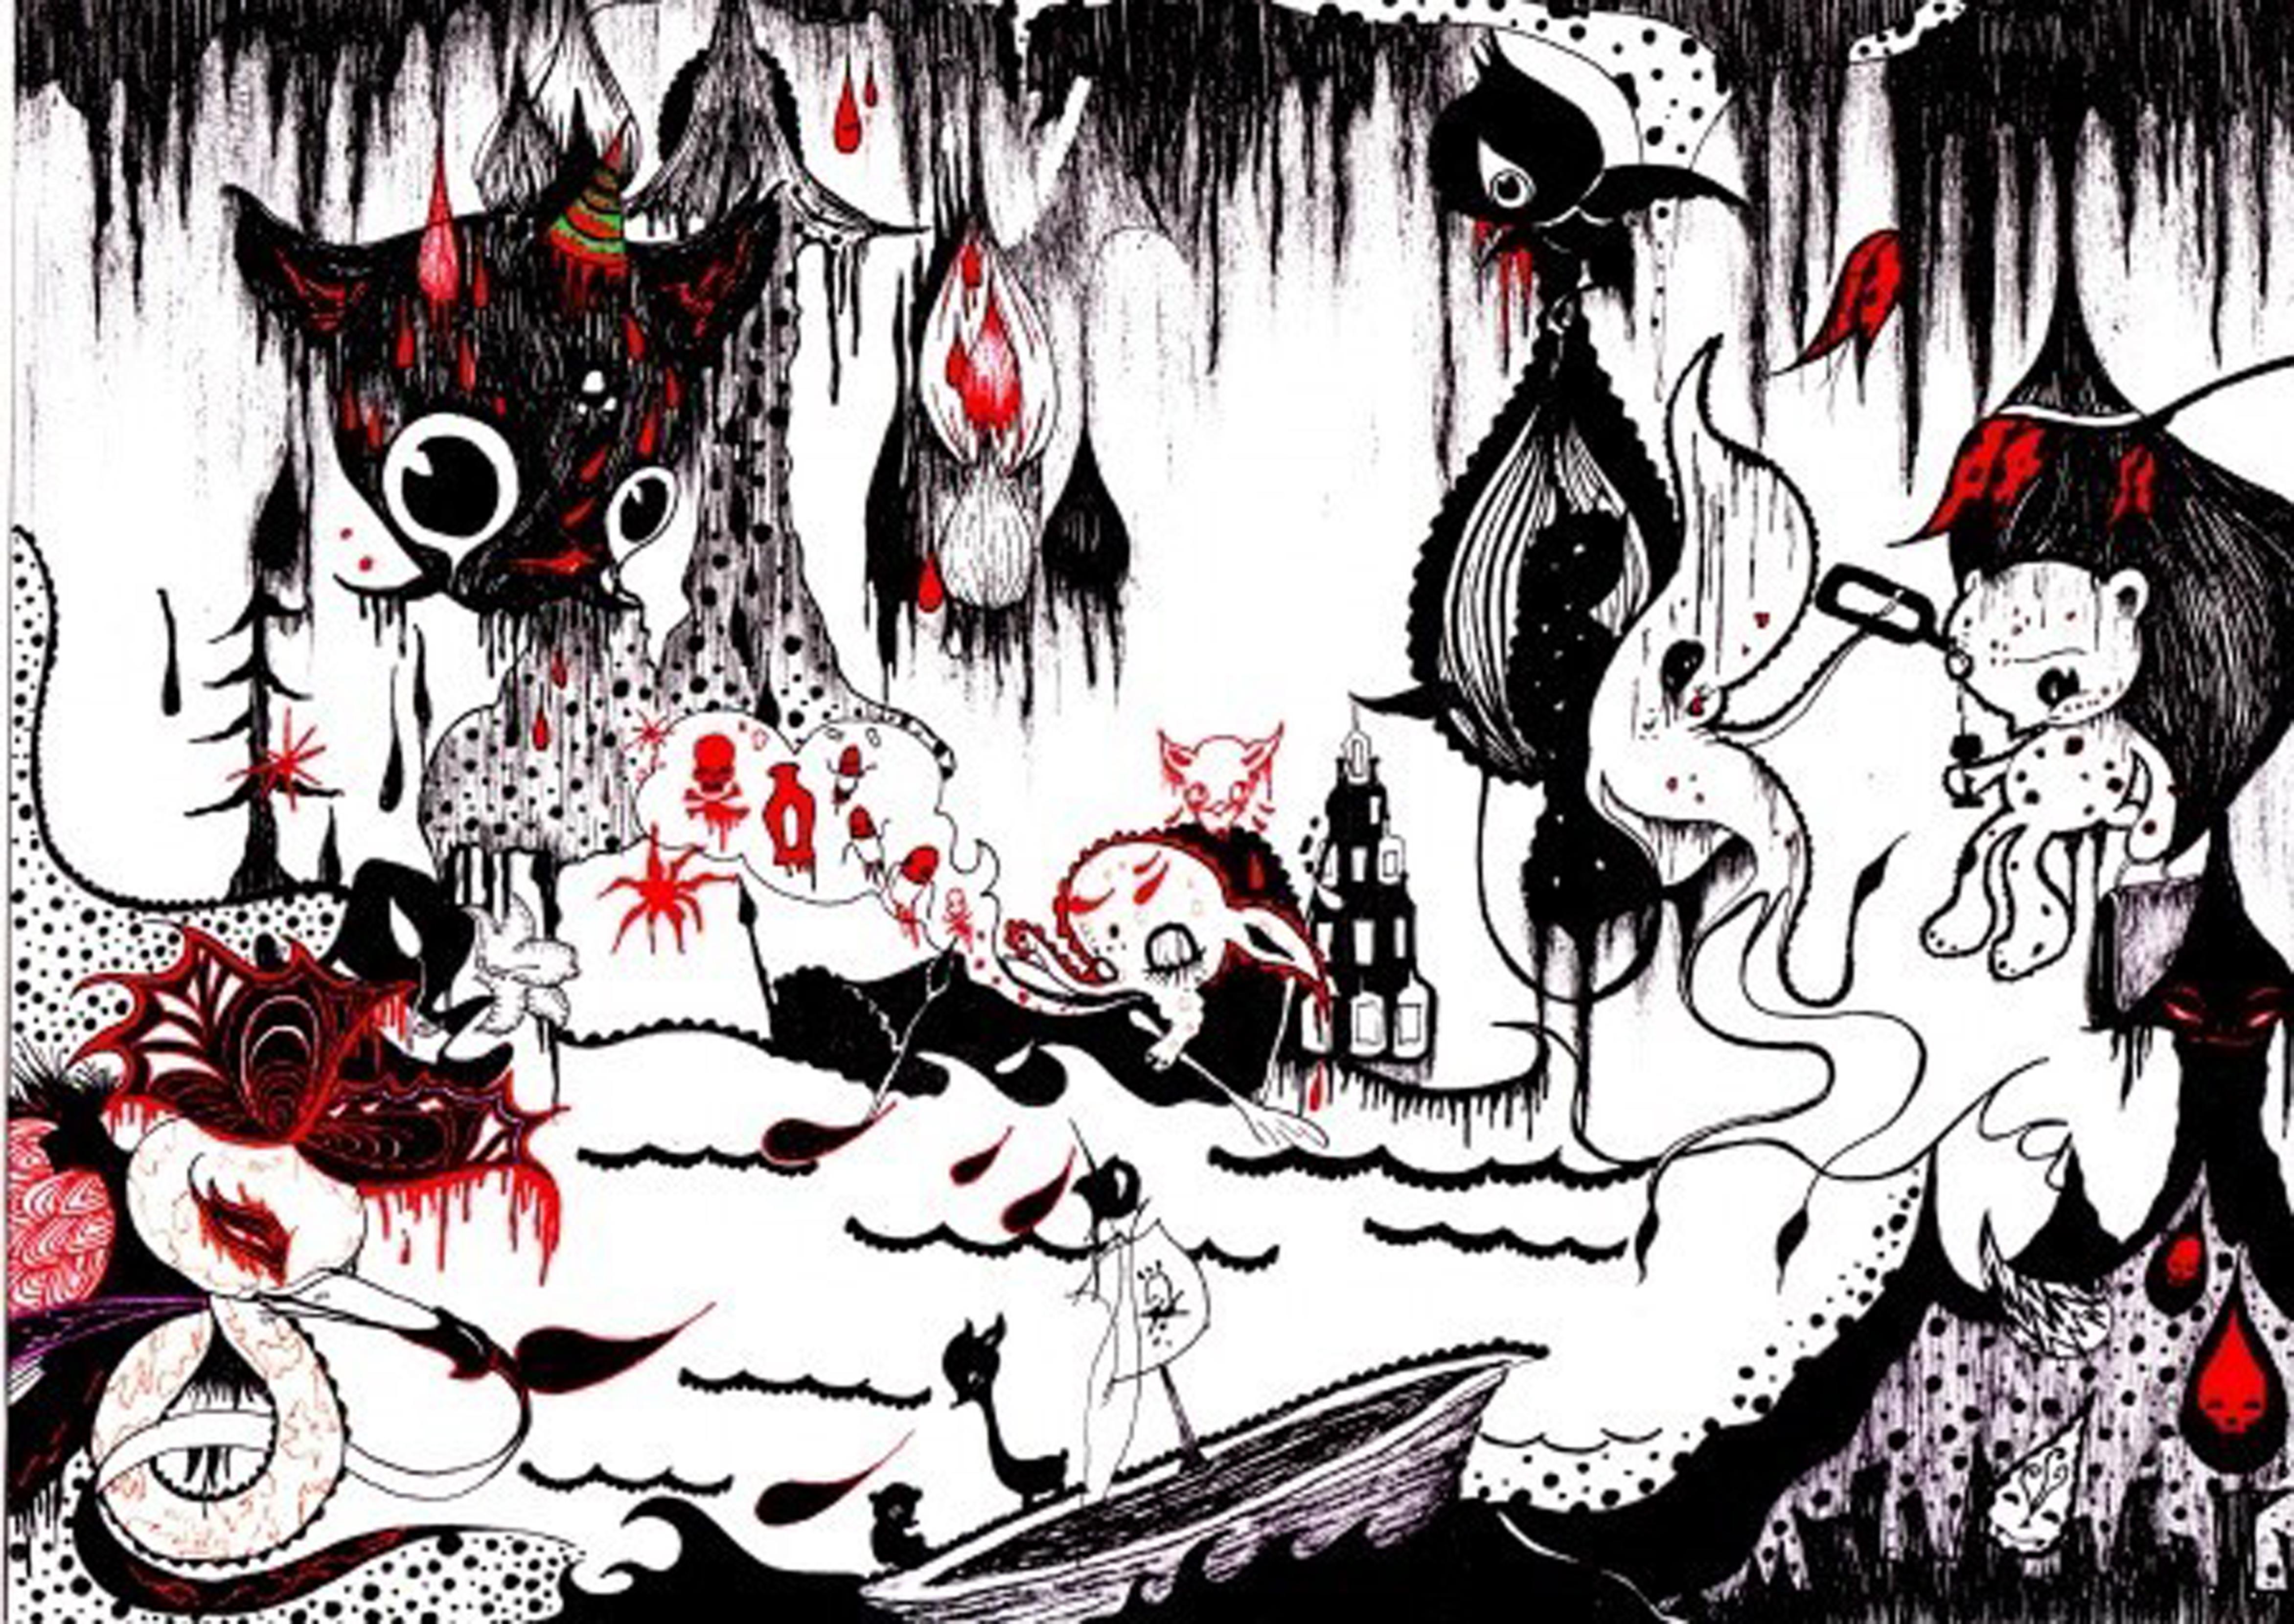 本组作品以鬼节为题,采用纯手绘上色.